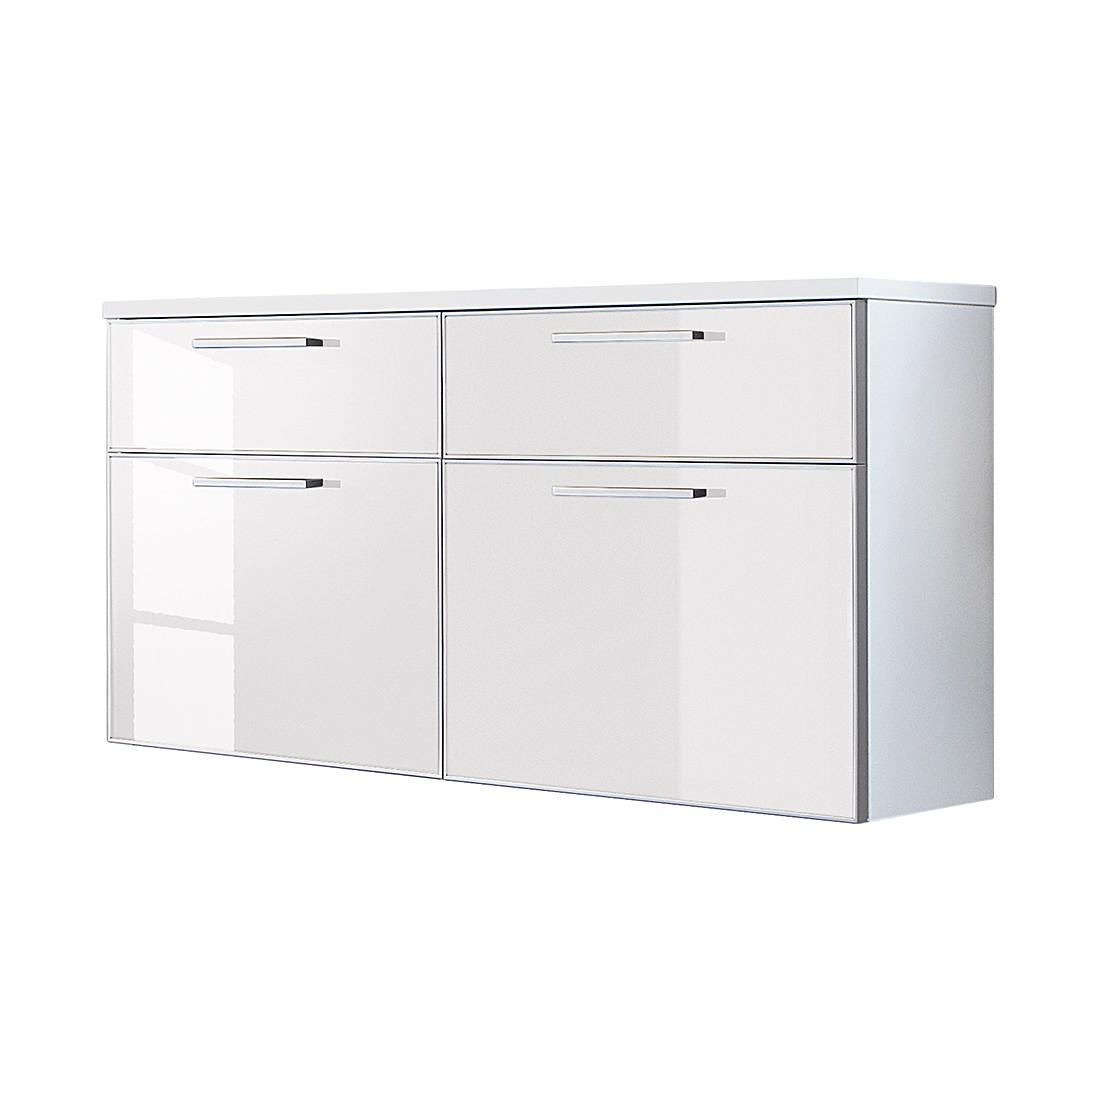 Hängeschuhschrank Sarota IV – Weiß/Glas Weiß, Voss jetzt bestellen